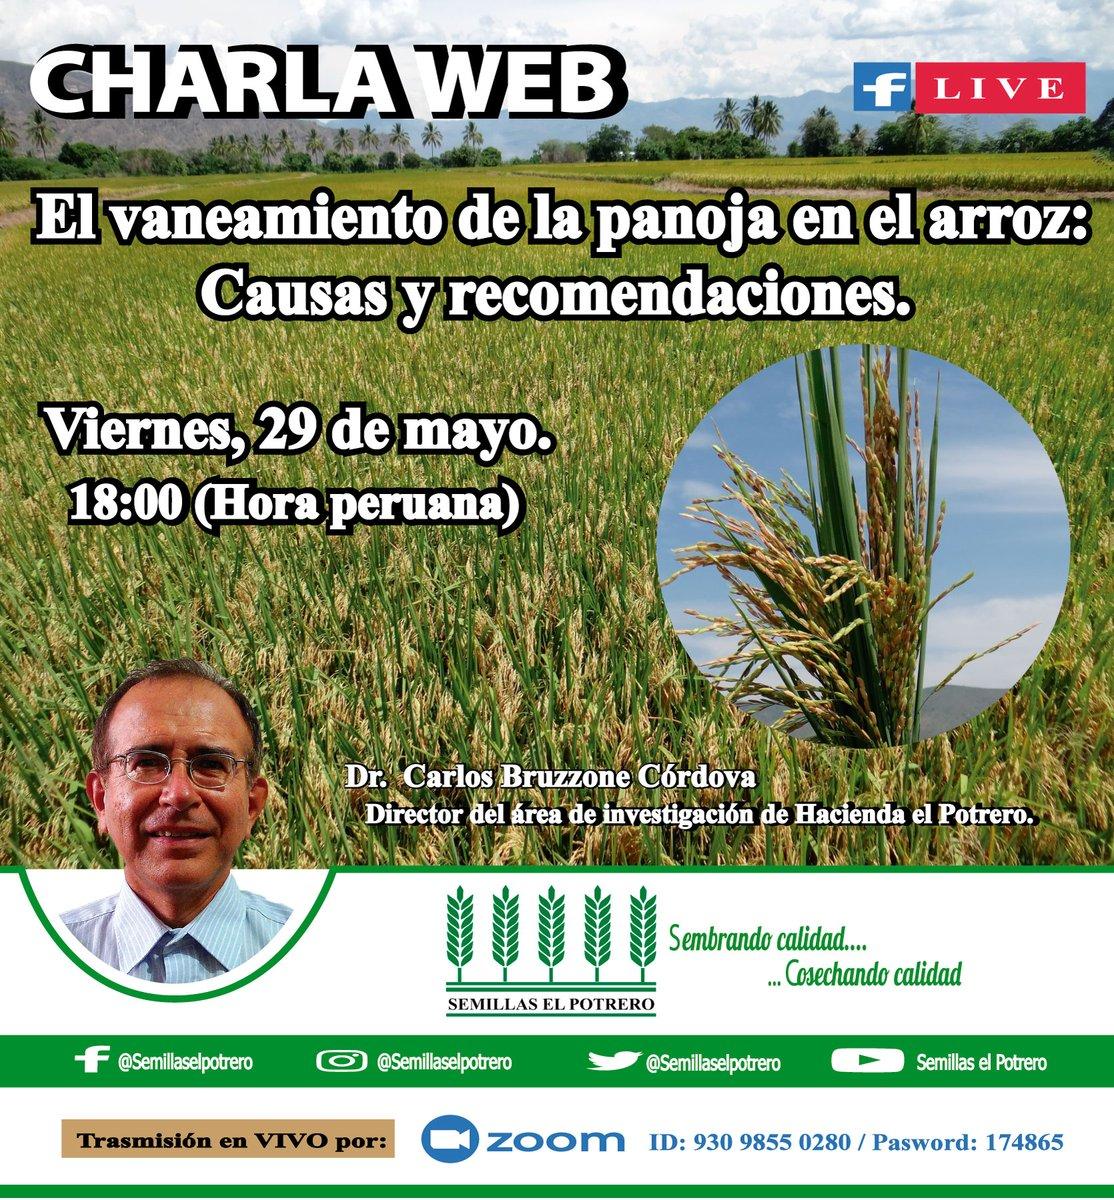 """Este #viernes 29 de mayo, a las 6 de la tarde, seguimos con las #conferencias virtuales. """"El vaneamiento de la panoja en el cultivo de arroz: Causas   y recomendaciones""""  Para acceder a la reunión, ingresen a este link: https://zoom.us/j/93098550280… Password: 174865pic.twitter.com/p3lXKfnLa1"""